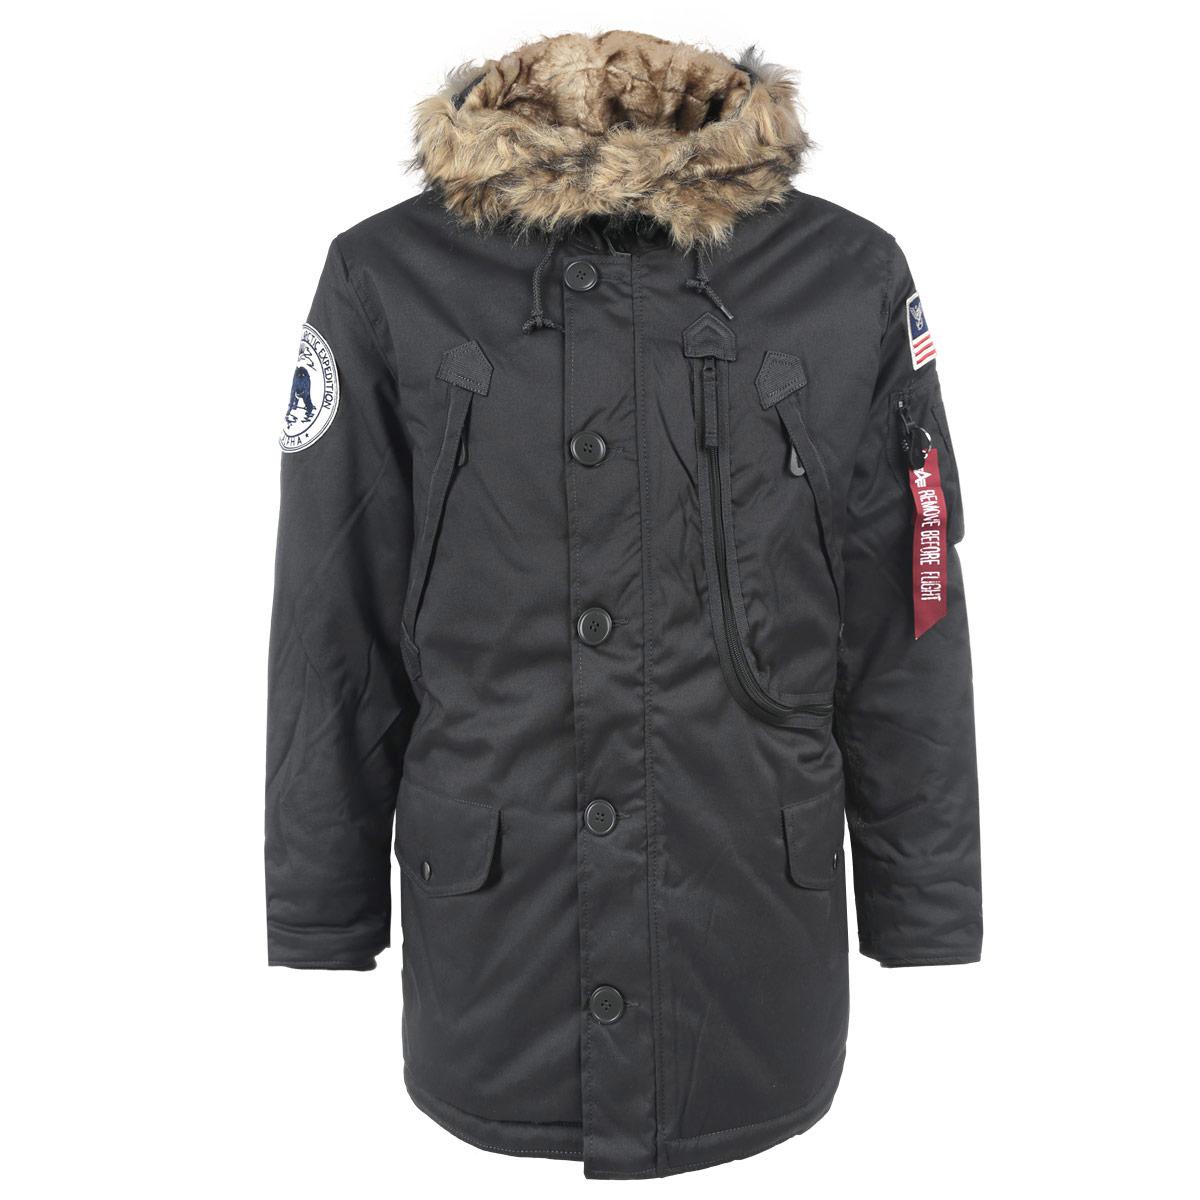 Куртка мужская. 123144123144Теплая стильная мужская парка Alpha Industries, рассчитанная на холодную погоду, поможет вам почувствовать себя максимально комфортно. Изделие выполнено из плотного материала с утеплителем из синтепона и отделкой из искусственного меха. Куртка с внутренней стороны на талии затягивается кулиской, что предотвращает проникновение холодного воздуха. Парка с несъемным капюшоном на кулиске, застегивается на пластиковую застежку-молнию и дополнительно ветрозащитным клапаном на пуговицах. Капюшон внутри утеплен искусственным мехом. Модель оформлена двумя втачными карманами с клапанами на кнопках, двумя нагрудными карманами на молниях, отделением на молнии, содержащим внутри два сетчатых кармашка. На рукаве также расположен небольшой кармашек на молнии. На внутренней стороне предусмотрен вместительный накладной карман. Рукава дополнены вшитыми трикотажными манжетами. Куртка декорирована текстильными нашивками на рукавах и контрастной отстрочкой. В этой парке вам будет комфортно и тепло в...